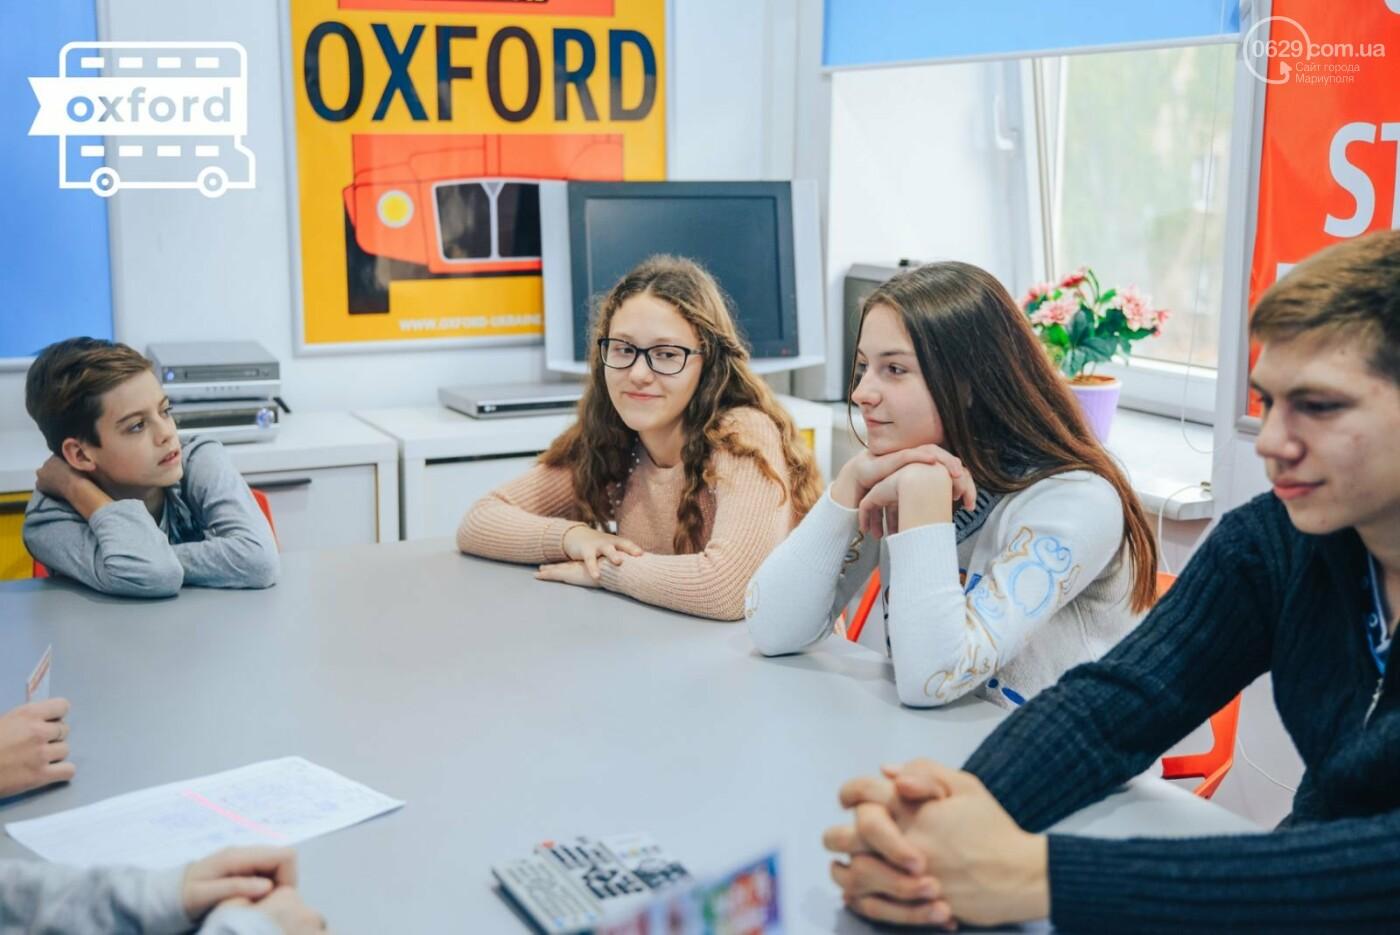 Английский для детей  в лучшей английской школе «OXFORD»! Стартовал осенний набор!, фото-6